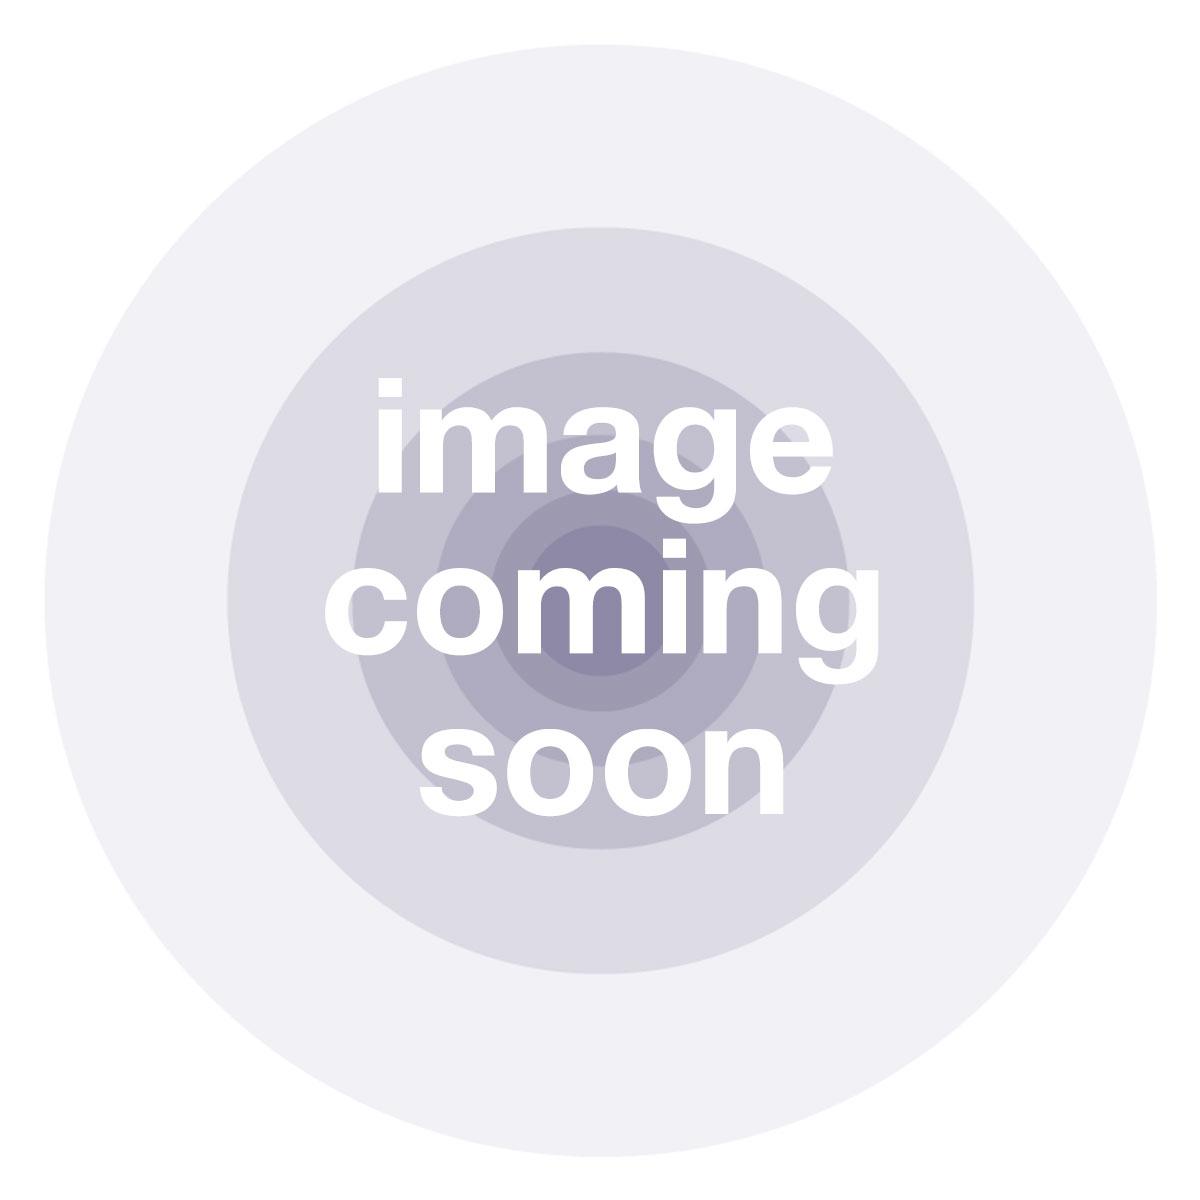 Teradek Cube 106/306 Video Streaming Encoder & Decoder Pair